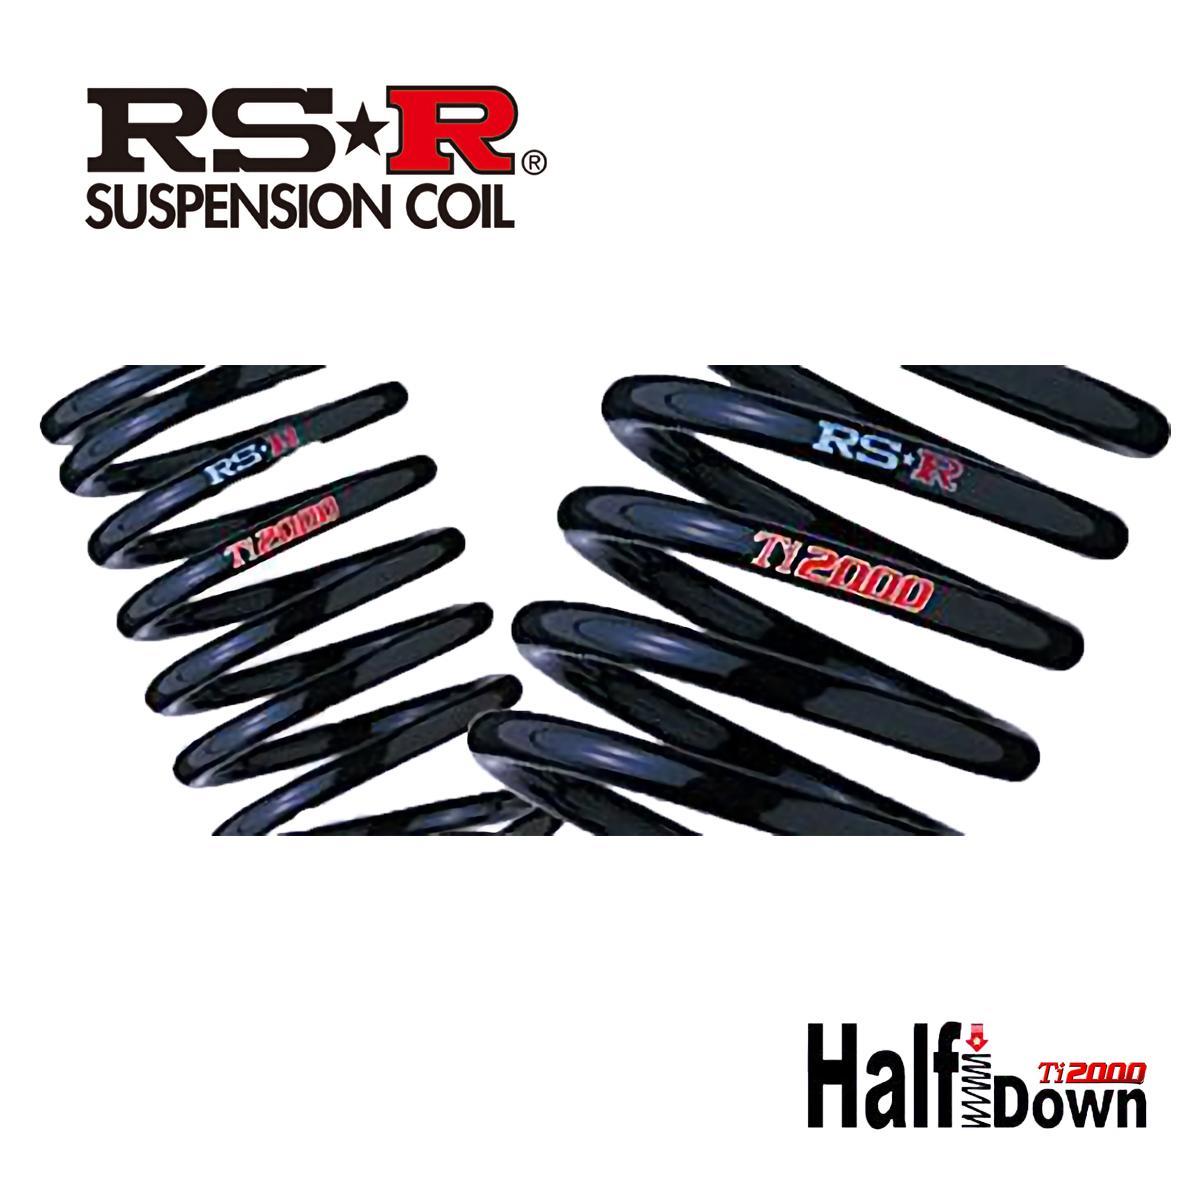 RS-R ピクシスジョイ CG SA LA250A ダウンサス スプリング リア D250THDR Ti2000 ハーフダウン RSR 個人宅発送追金有